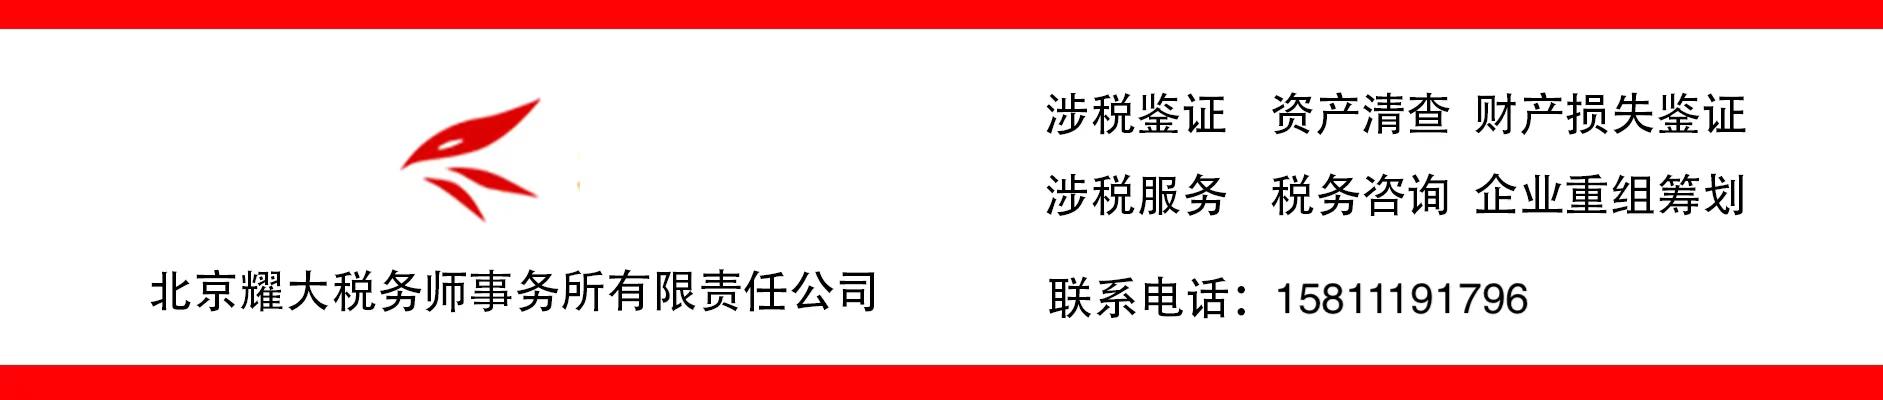 北京耀大税务师事务所